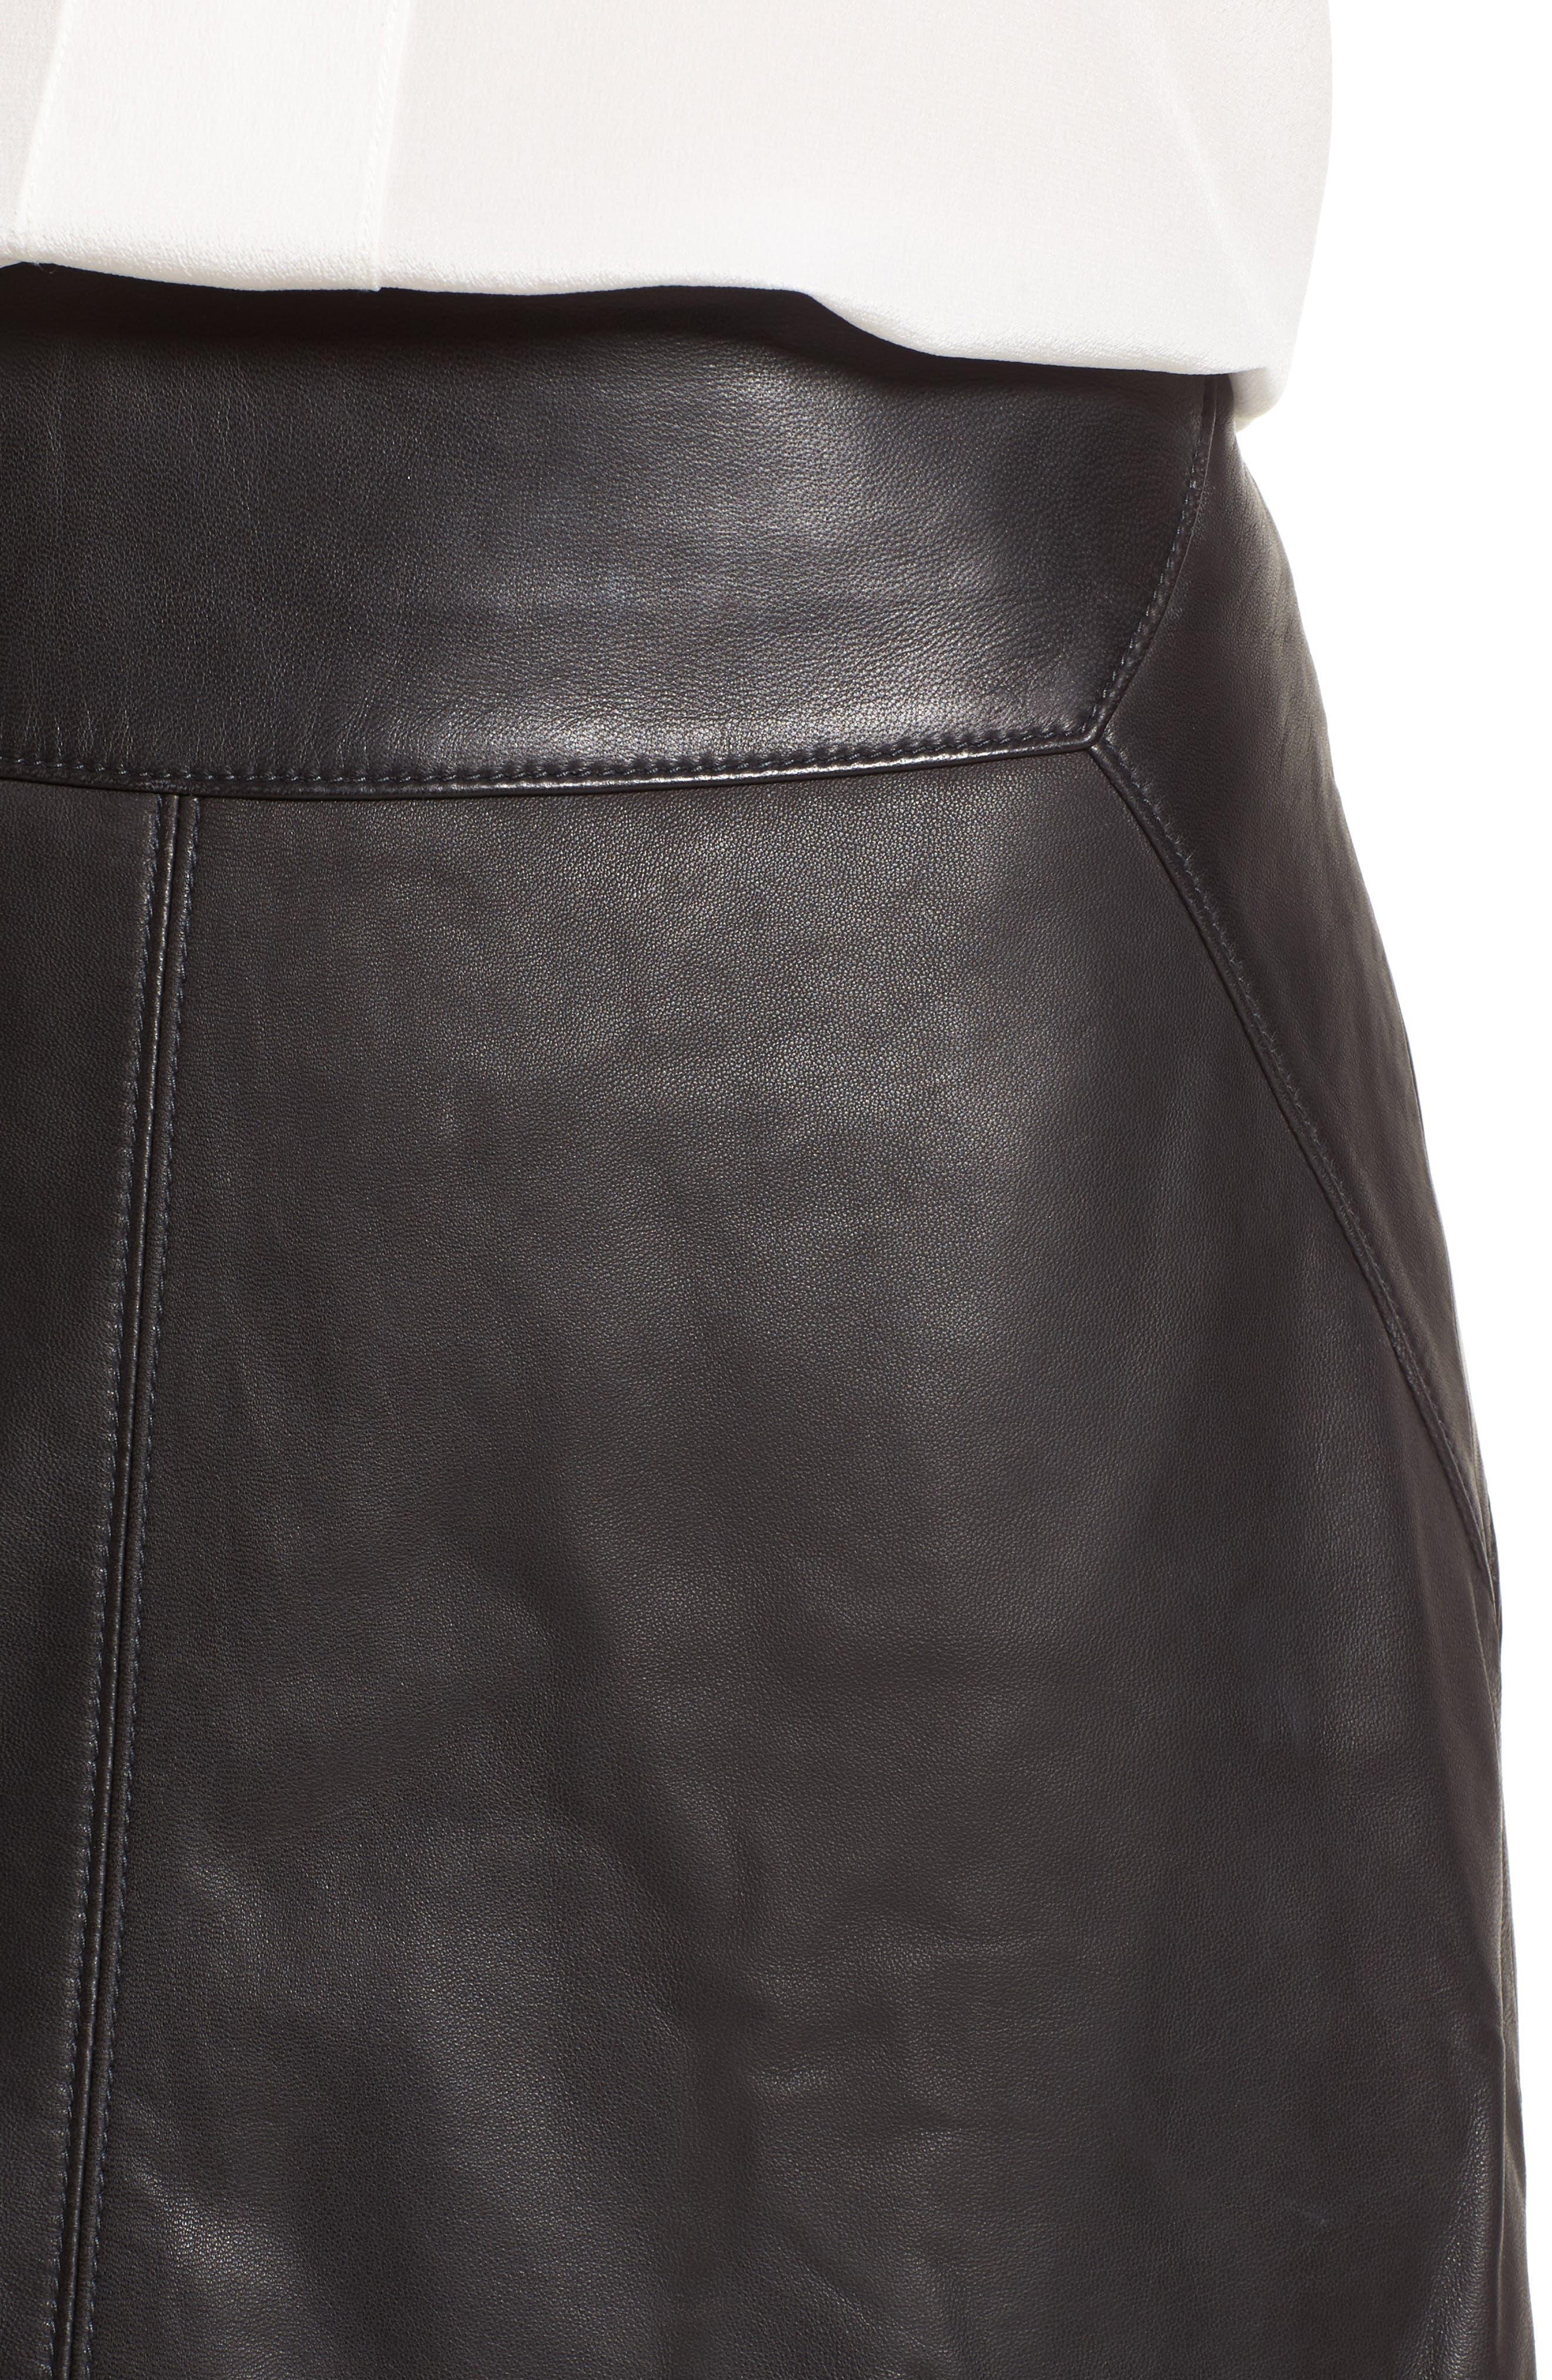 Leather Skirt,                             Alternate thumbnail 4, color,                             001